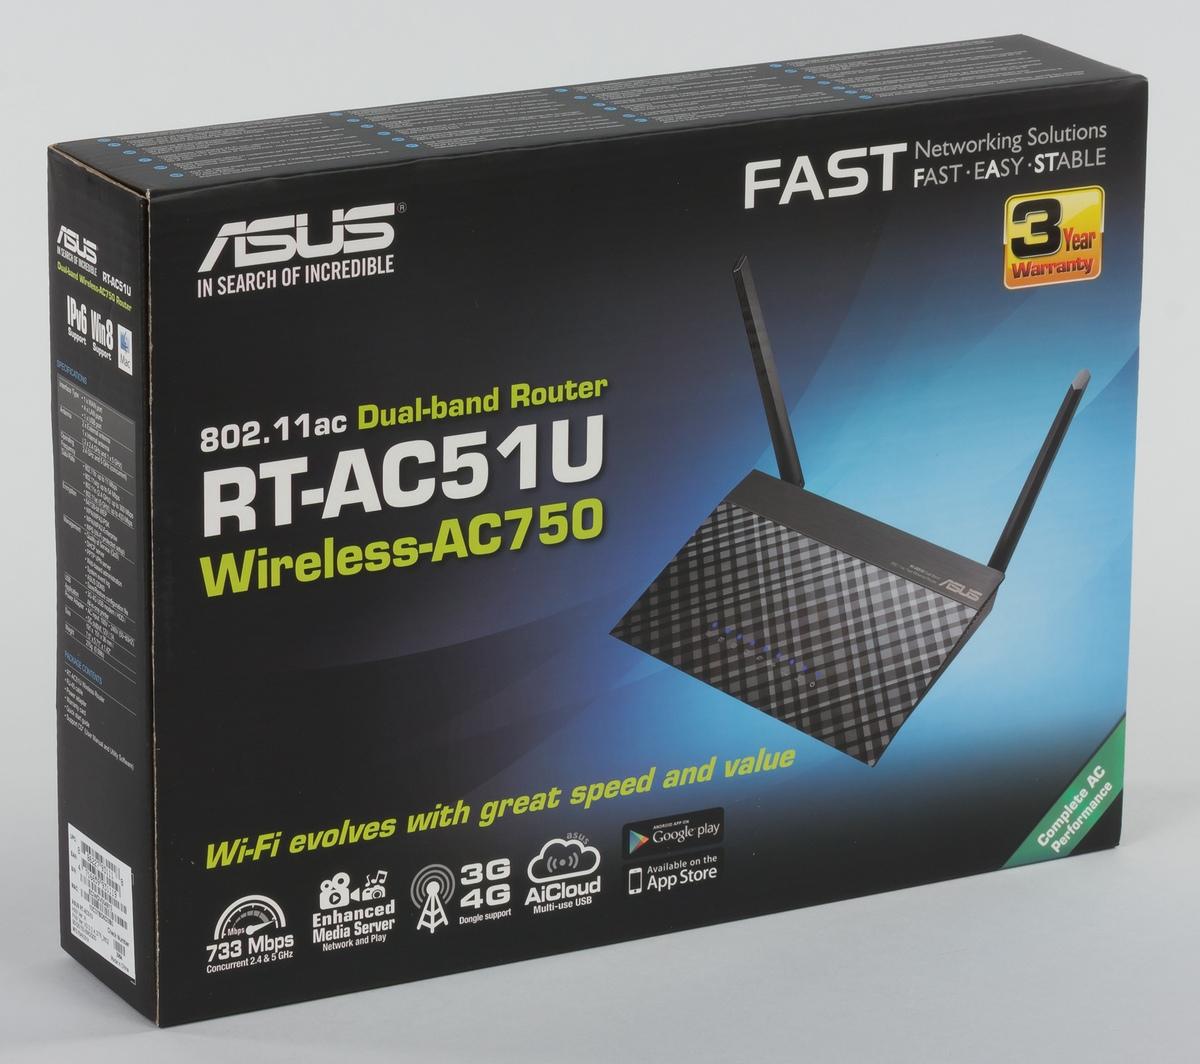 rt-ac51u